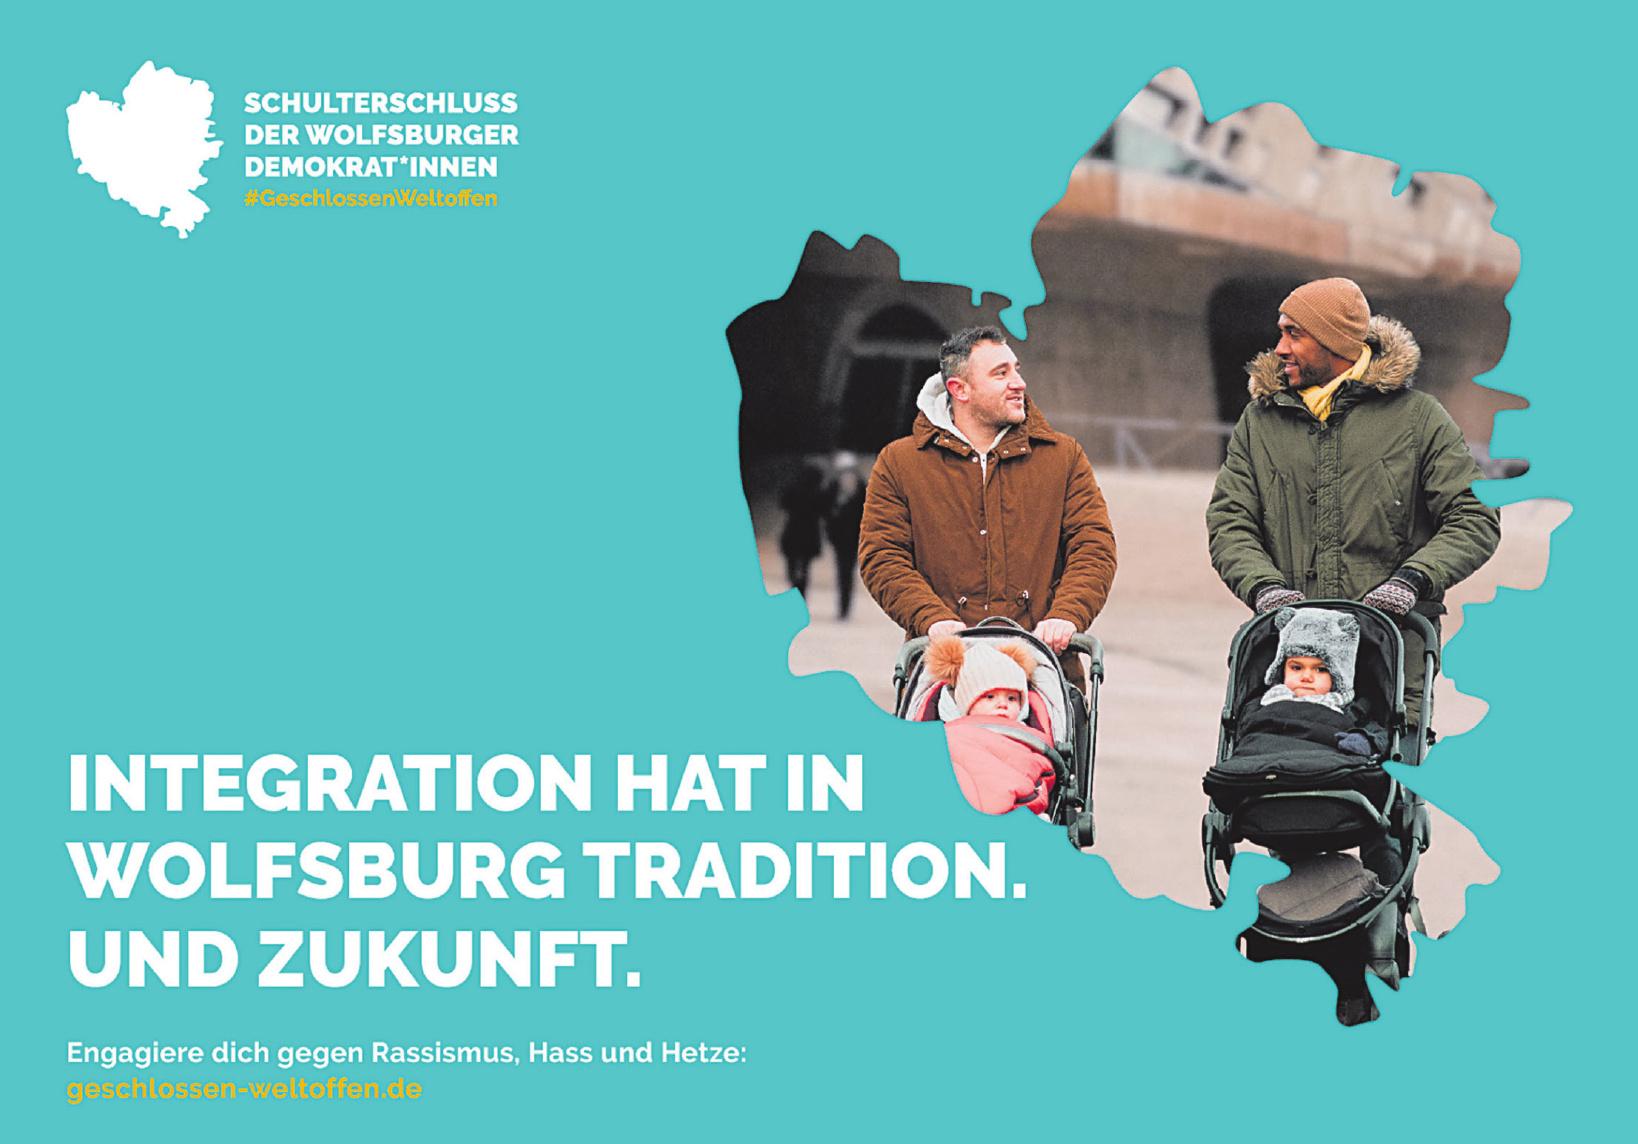 Schulterschluss der Wolfsburger Demokrat'nnen